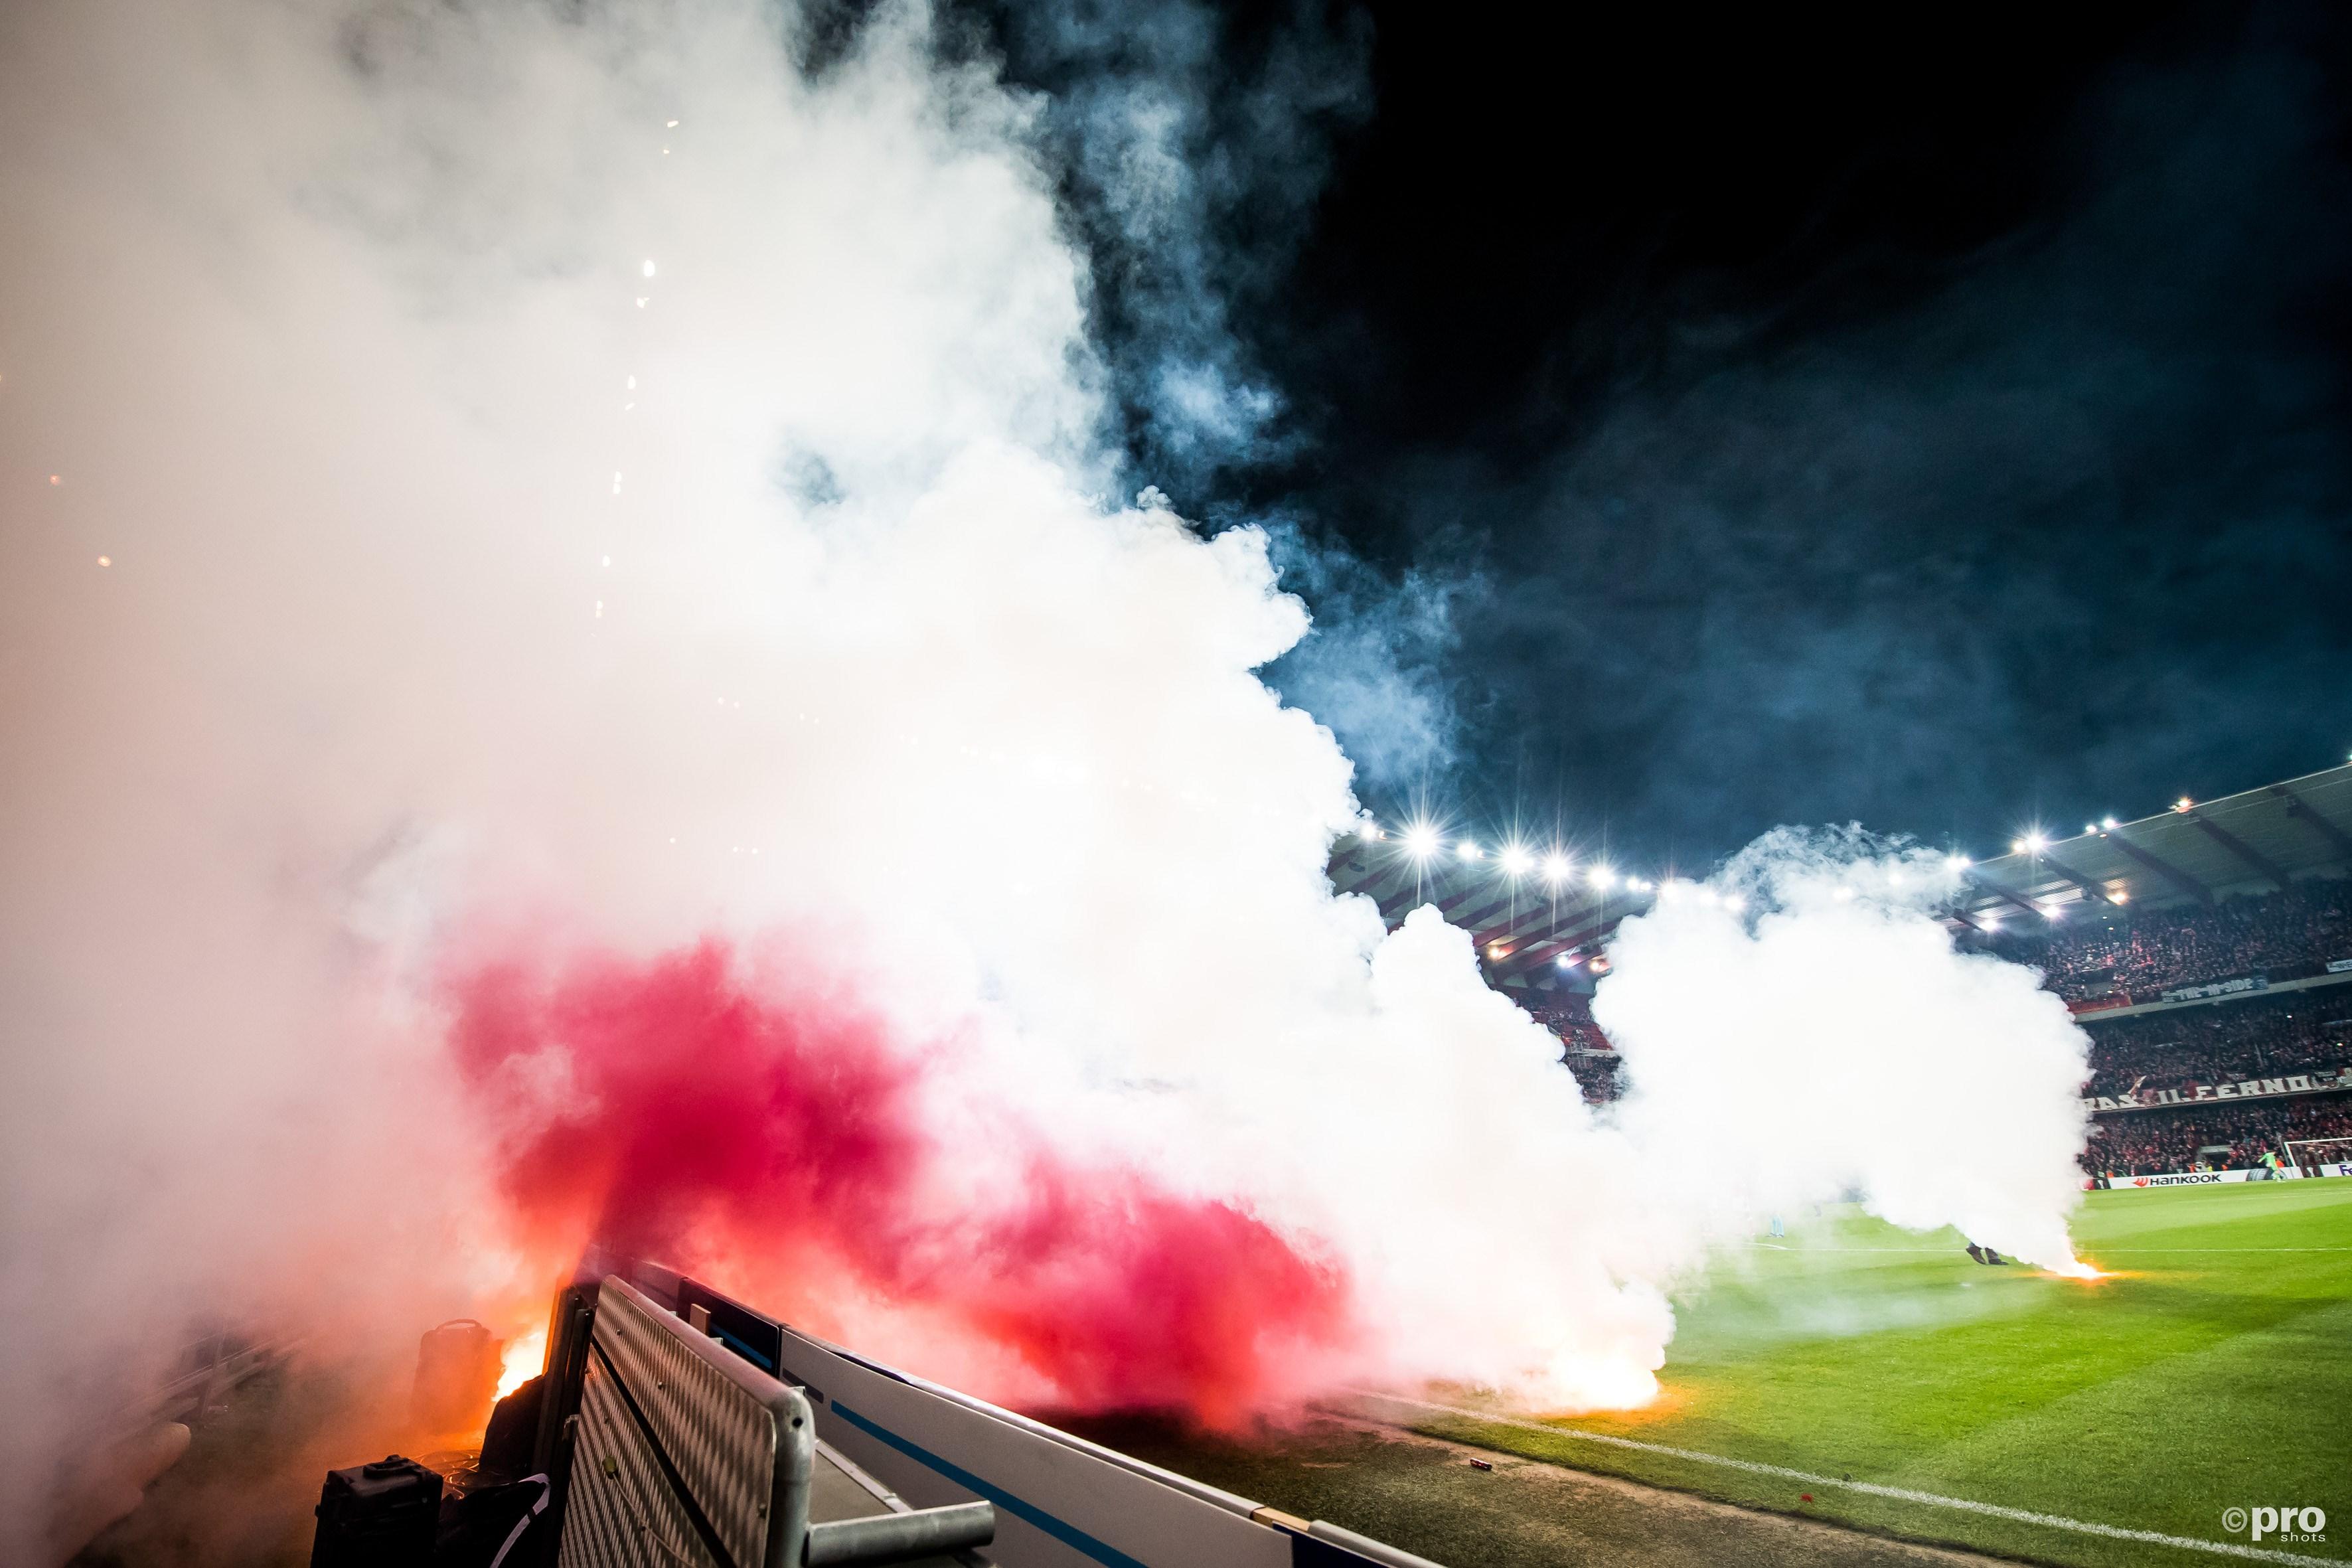 Ajax zal een boete kunnen verwachten na het vuurwerk. (PRO SHOTS/Ronald Bonestroo)